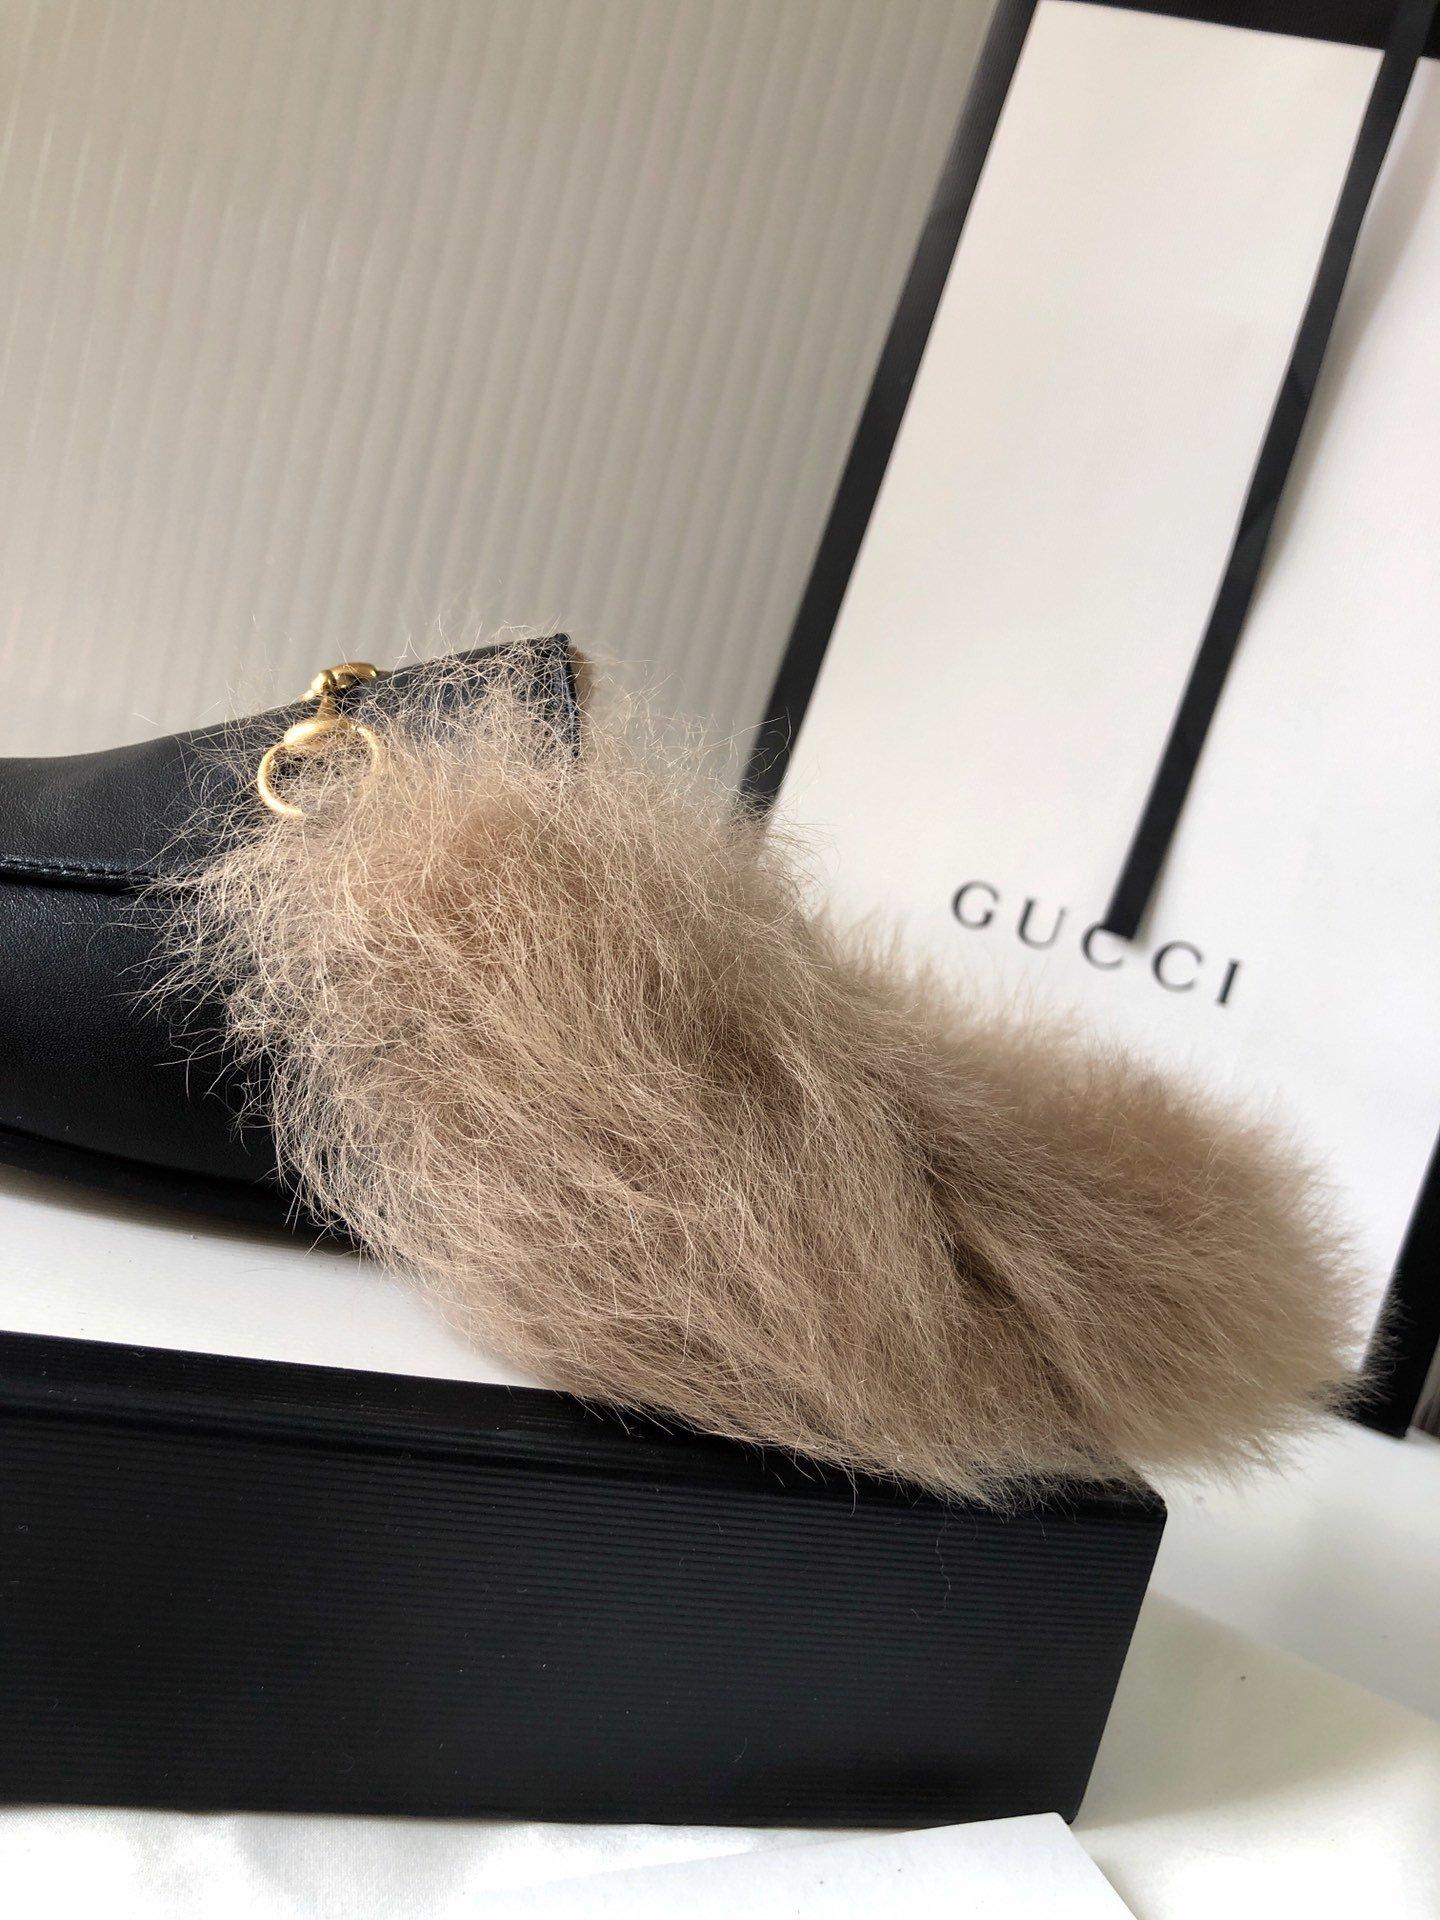 Gucci古奇 羔羊毛穆勒鞋明星同款(图13)